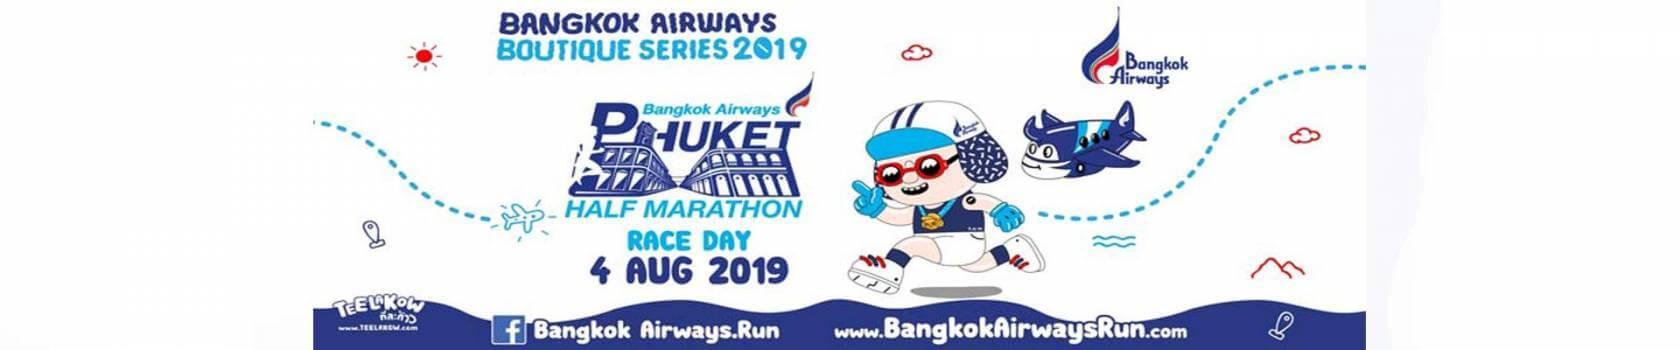 Bangkok Airways Phuket Half Marathon 2019